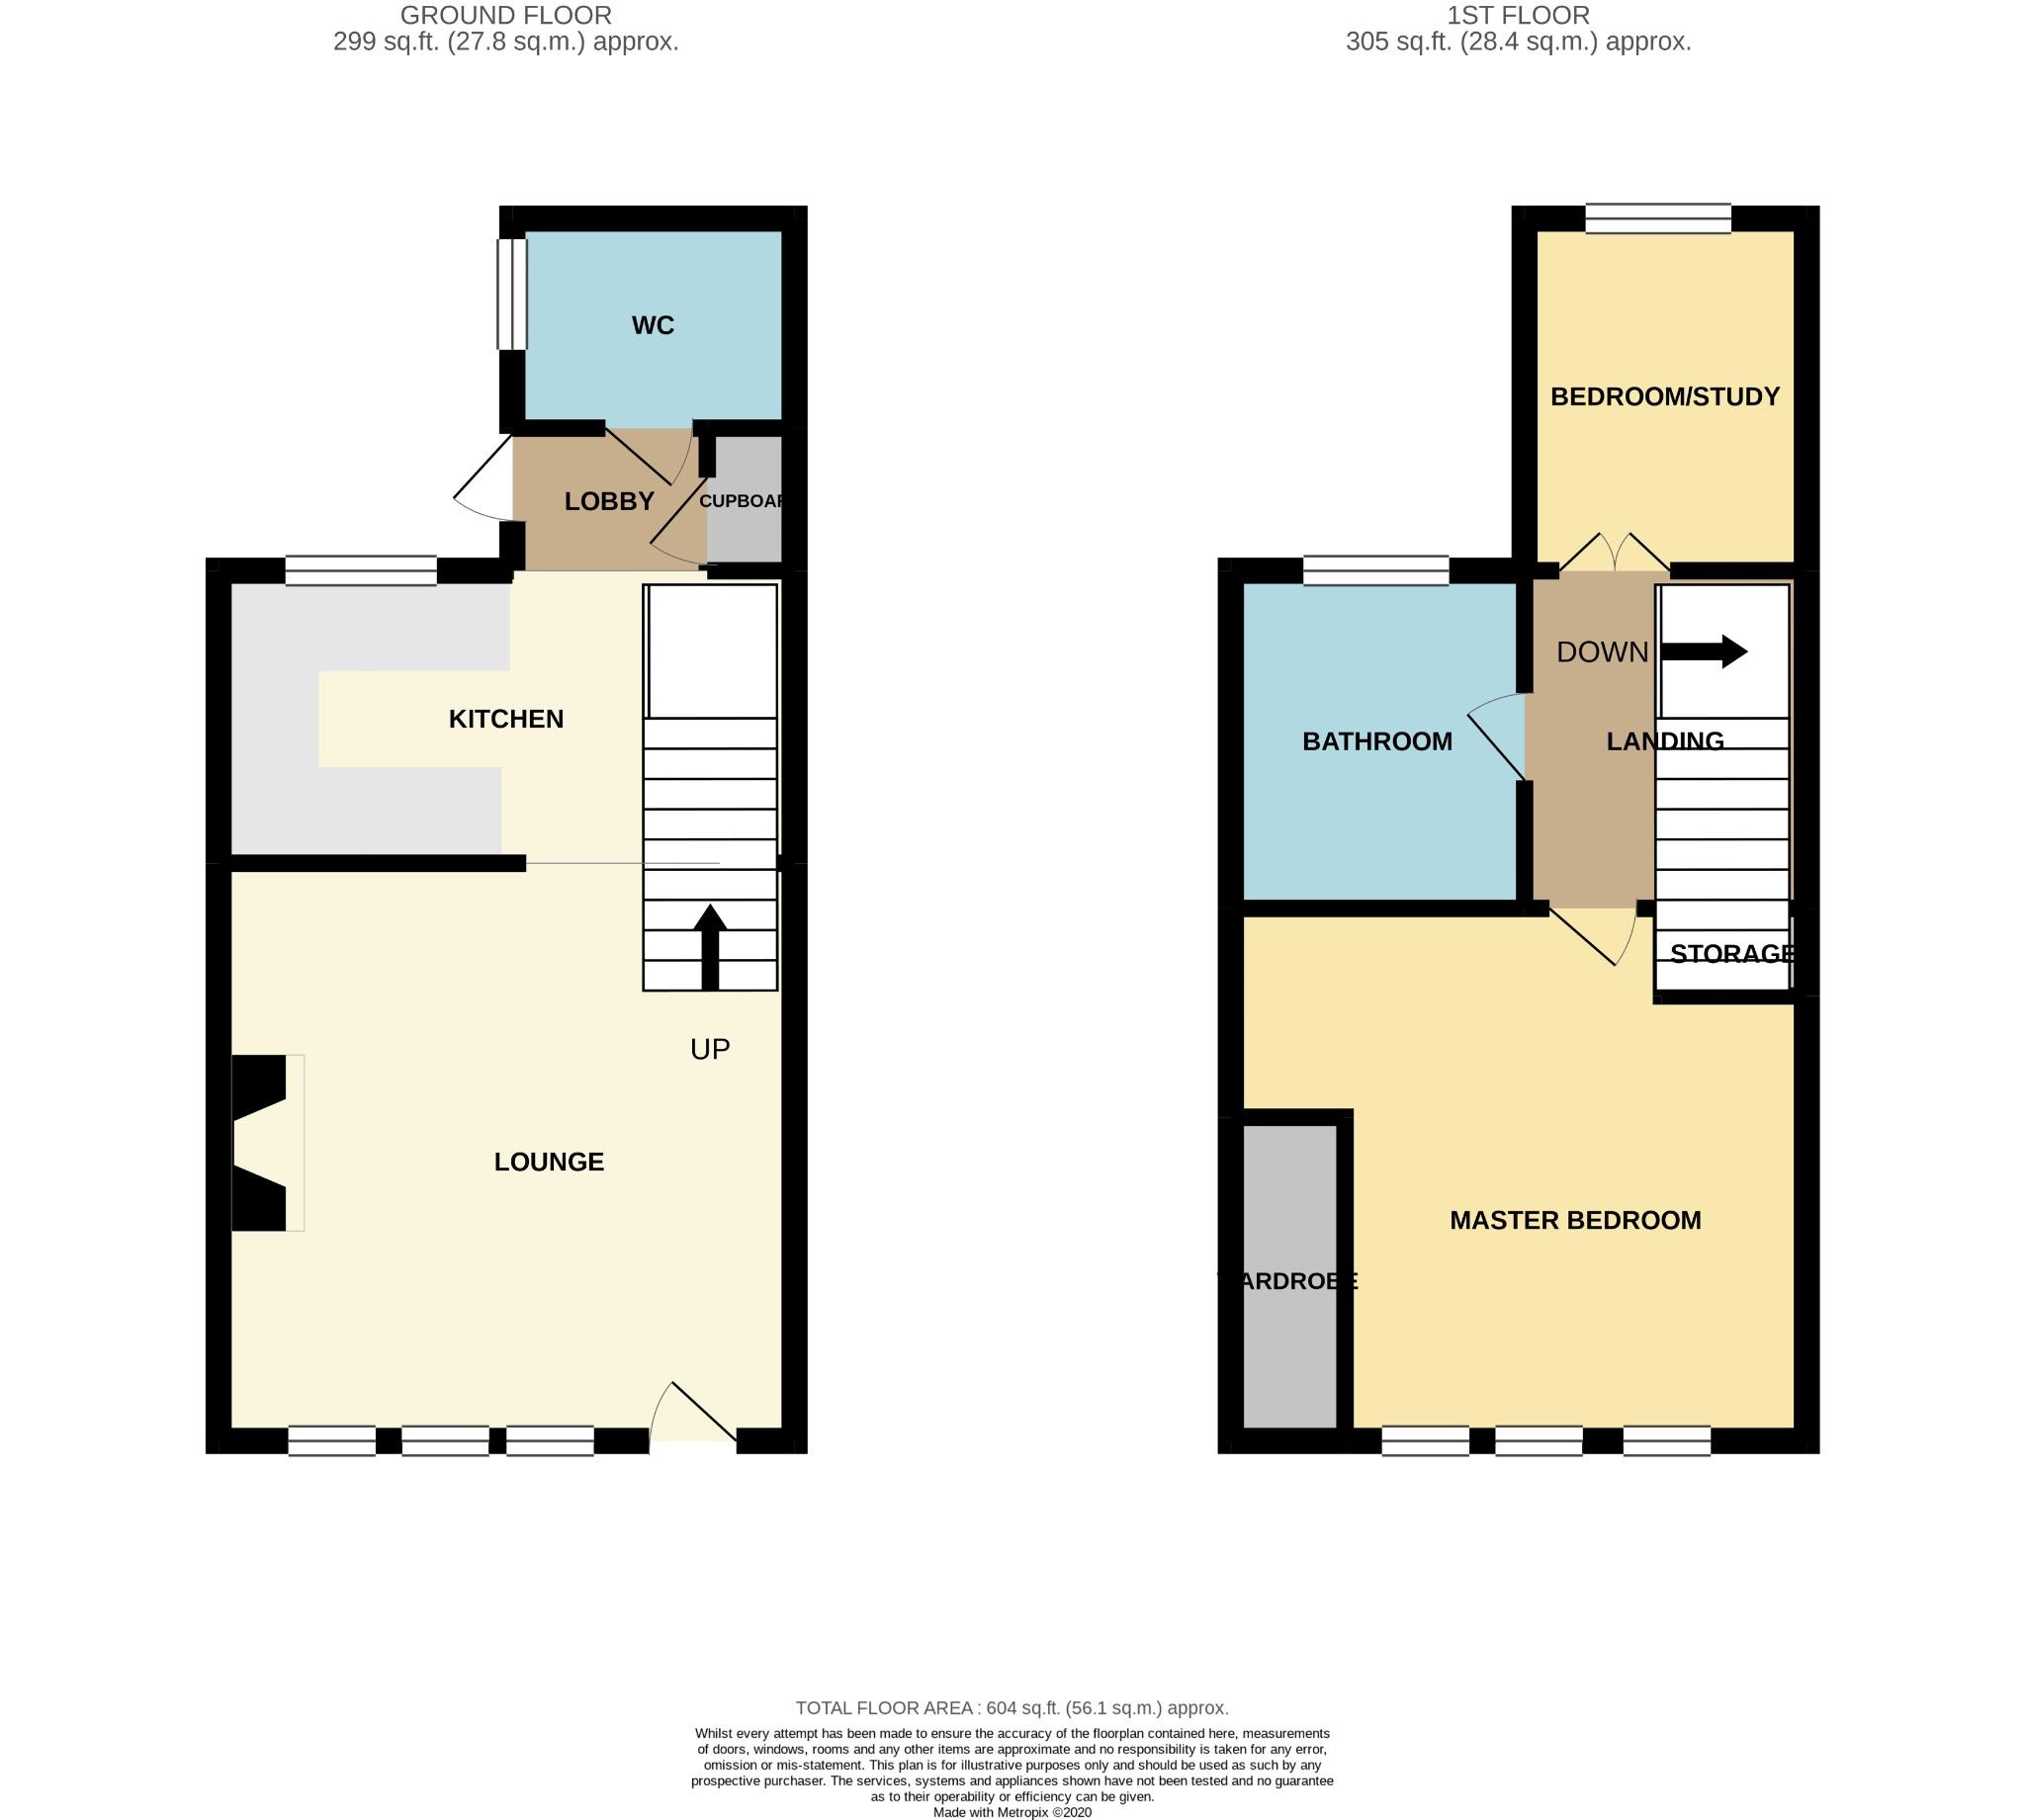 2 bedroom cottage house For Sale in Calderdale - Floorplan 1.